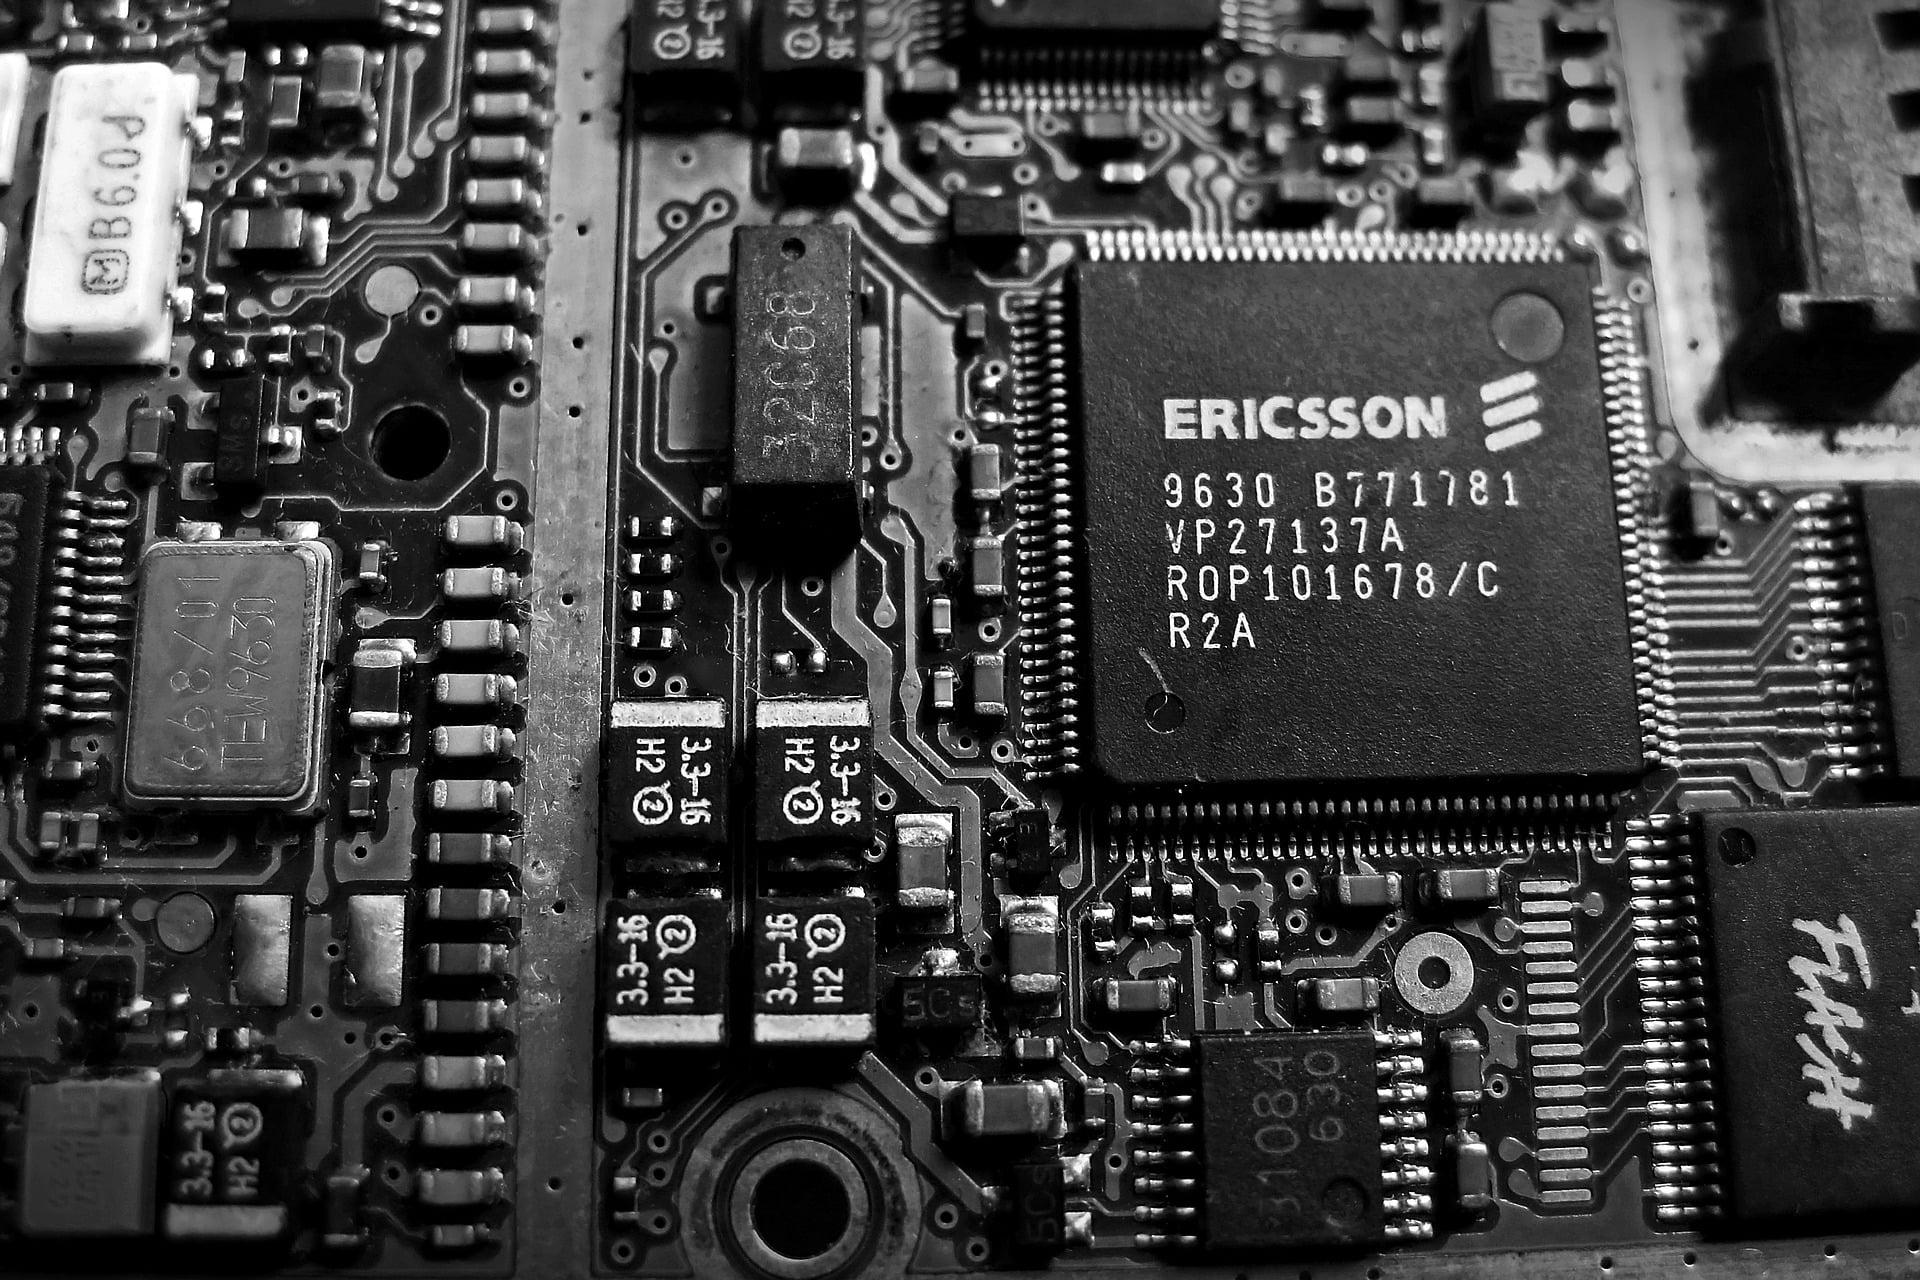 Chiny wszczęły postępowanie antymonopolowe wobec Ericssona